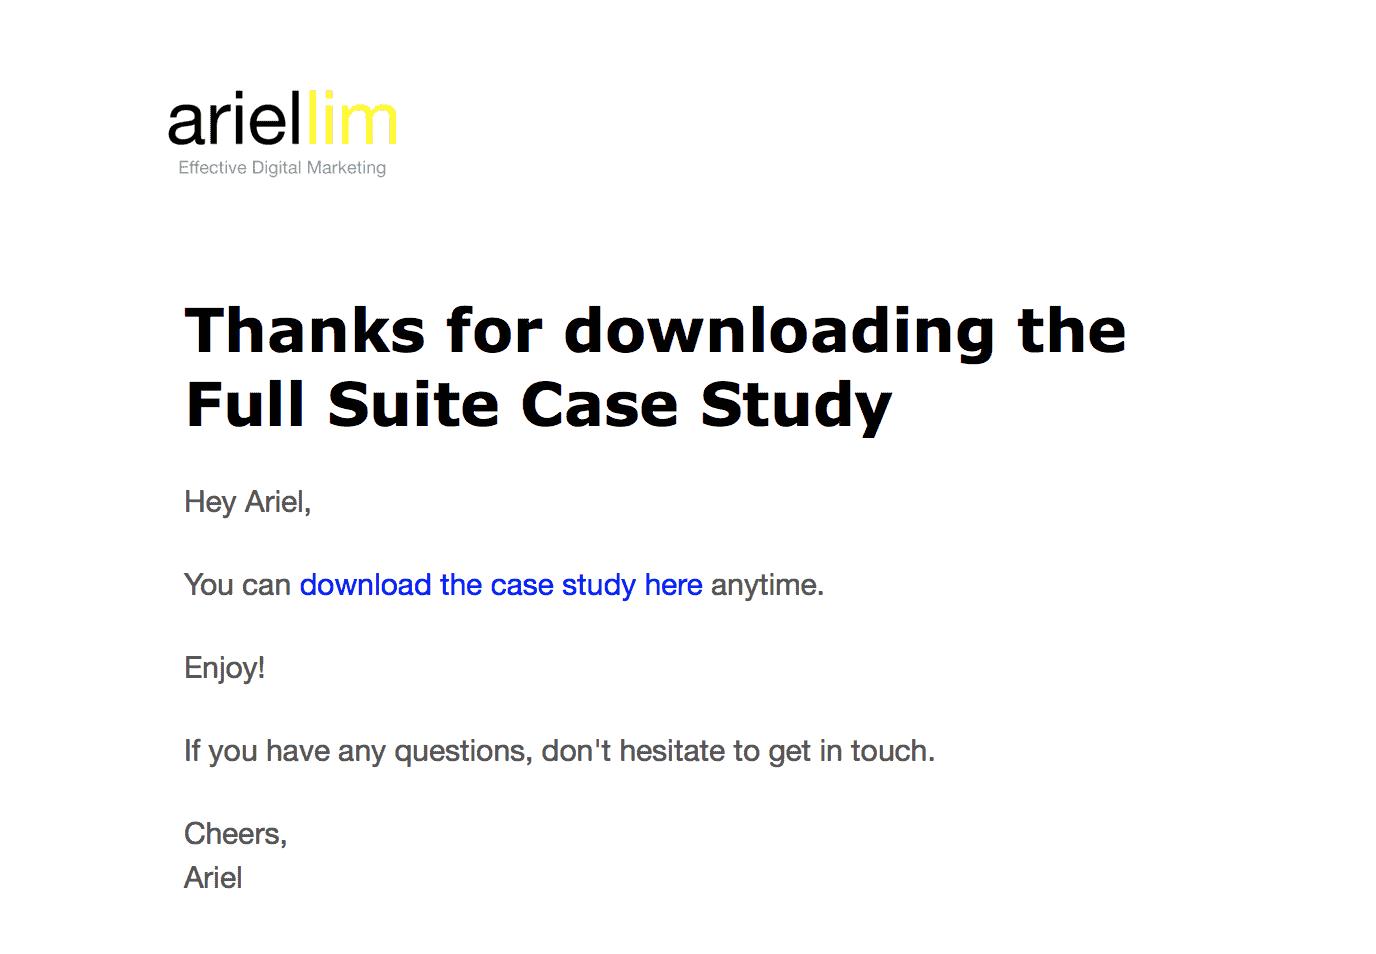 Sample autoresponder email on ariel-lim.com